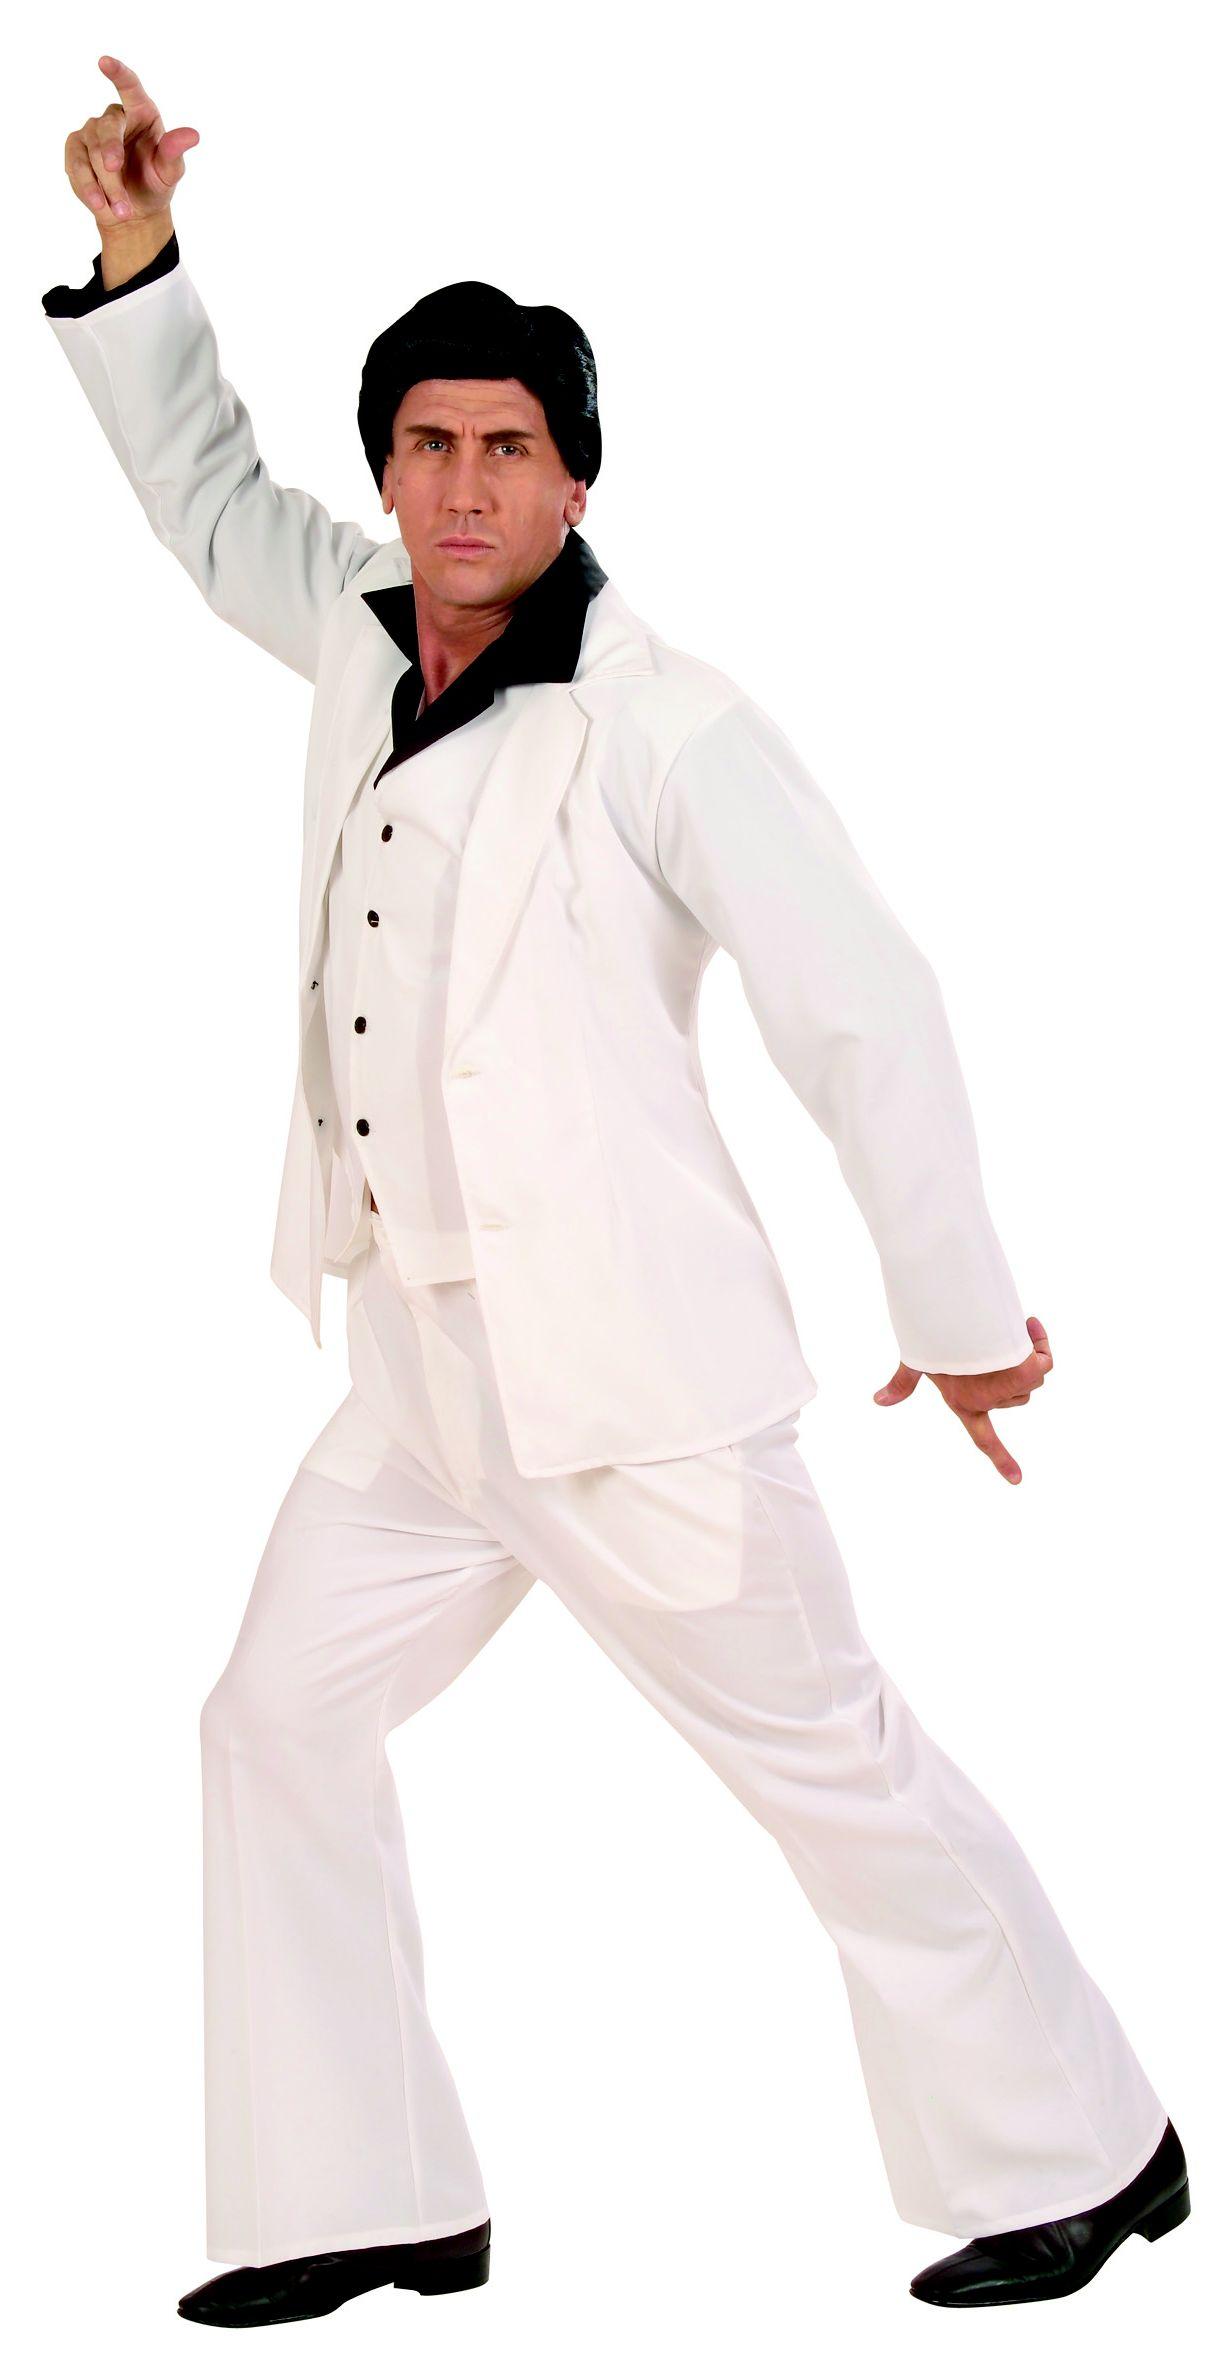 disco dancer costume for men. Black Bedroom Furniture Sets. Home Design Ideas